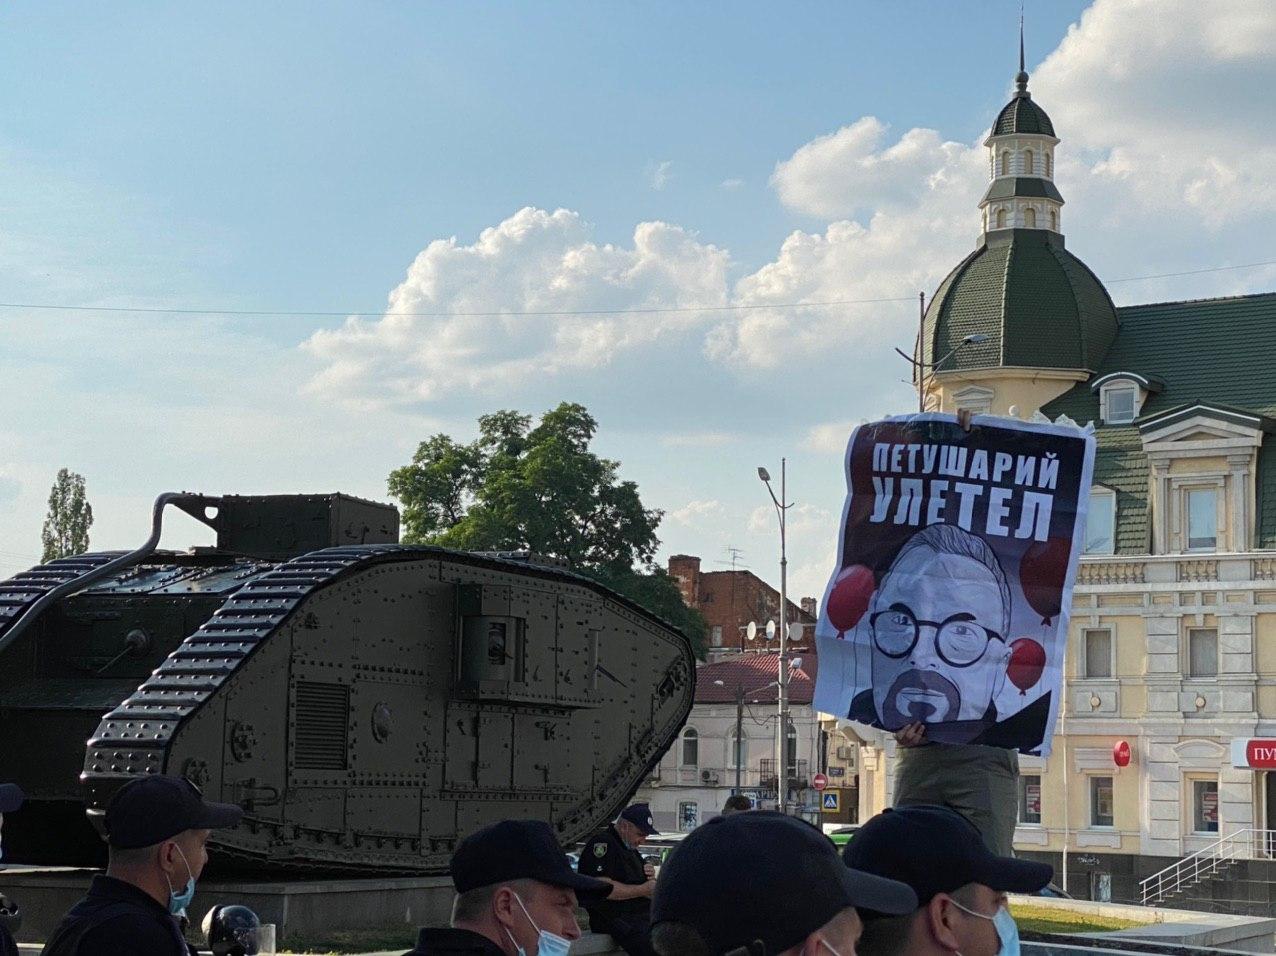 Буря в стакане воды: как Партия Шария митинговала в Харькове после травмирования ее местного лидера